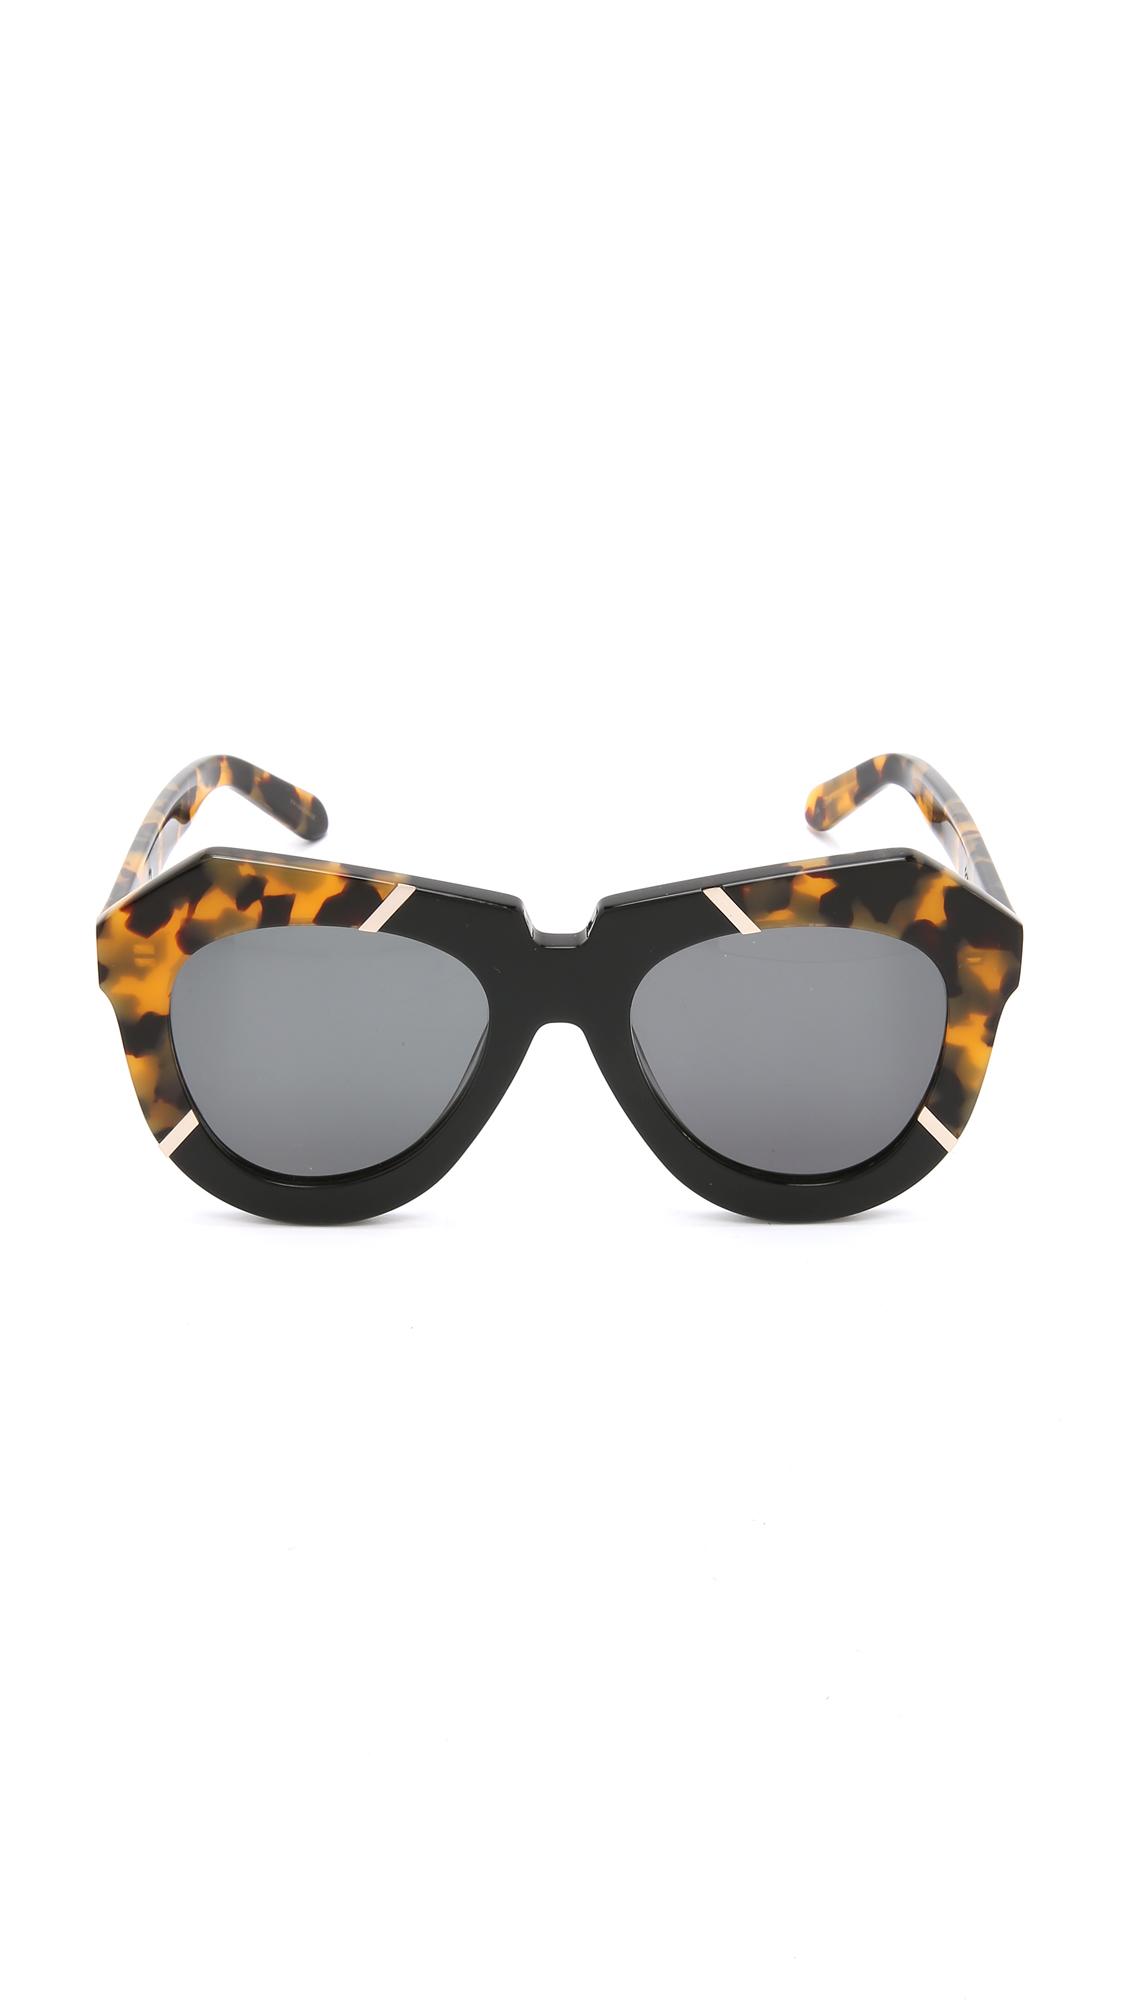 7667e085c3d Karen Walker One Splash Sunglasses